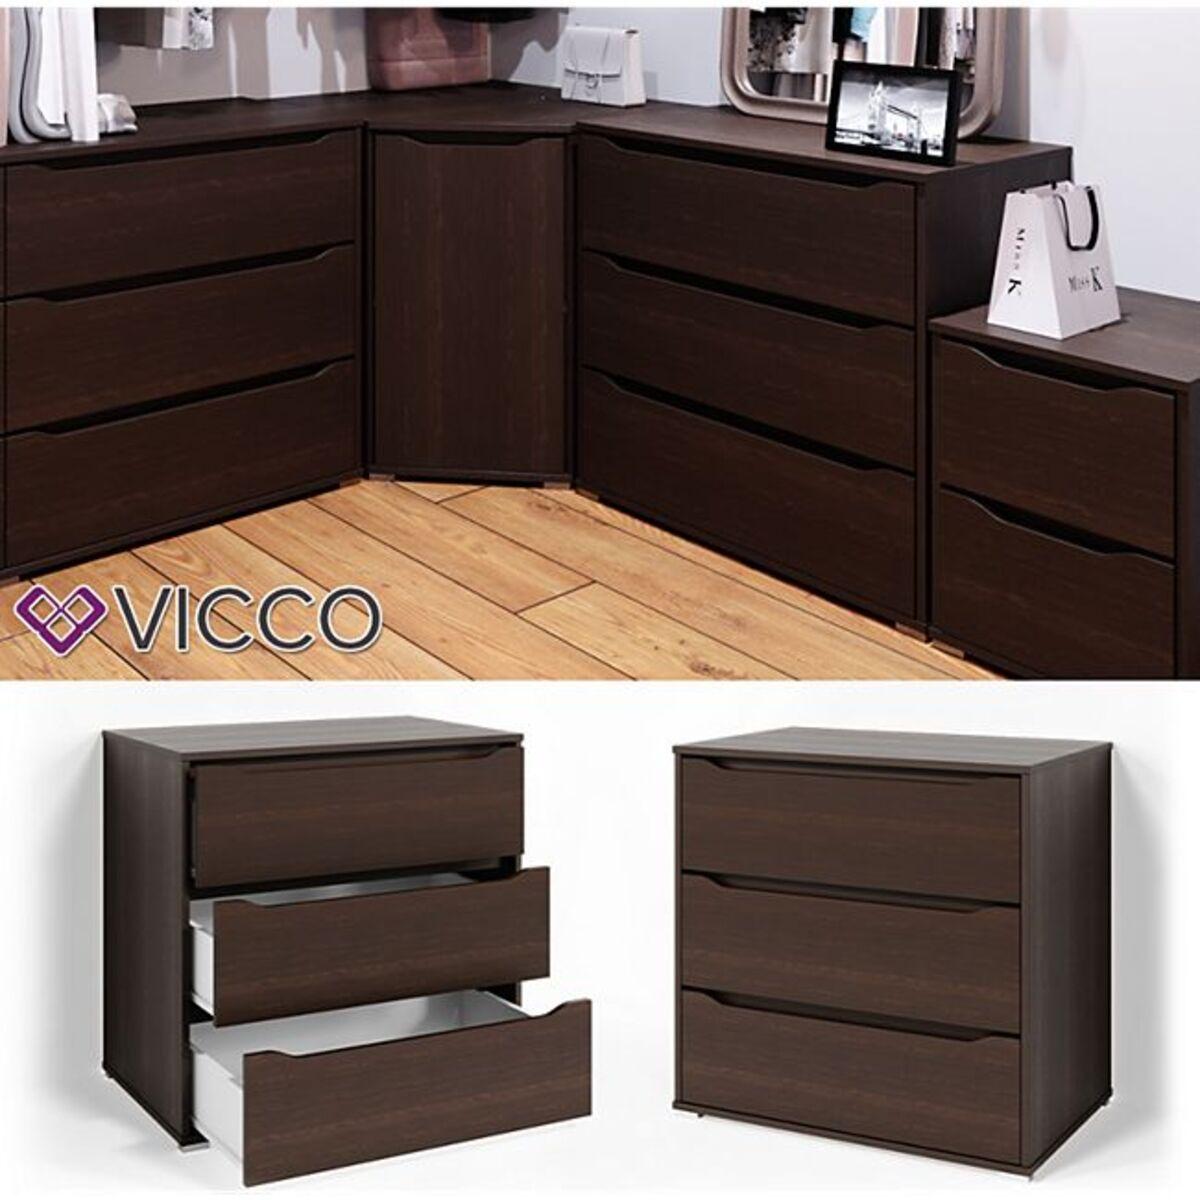 Bild 1 von VICCO Kommode RUBEN Wenge 3 Schubladen 80cm Sideboard Mehrzweckschrank Schrank